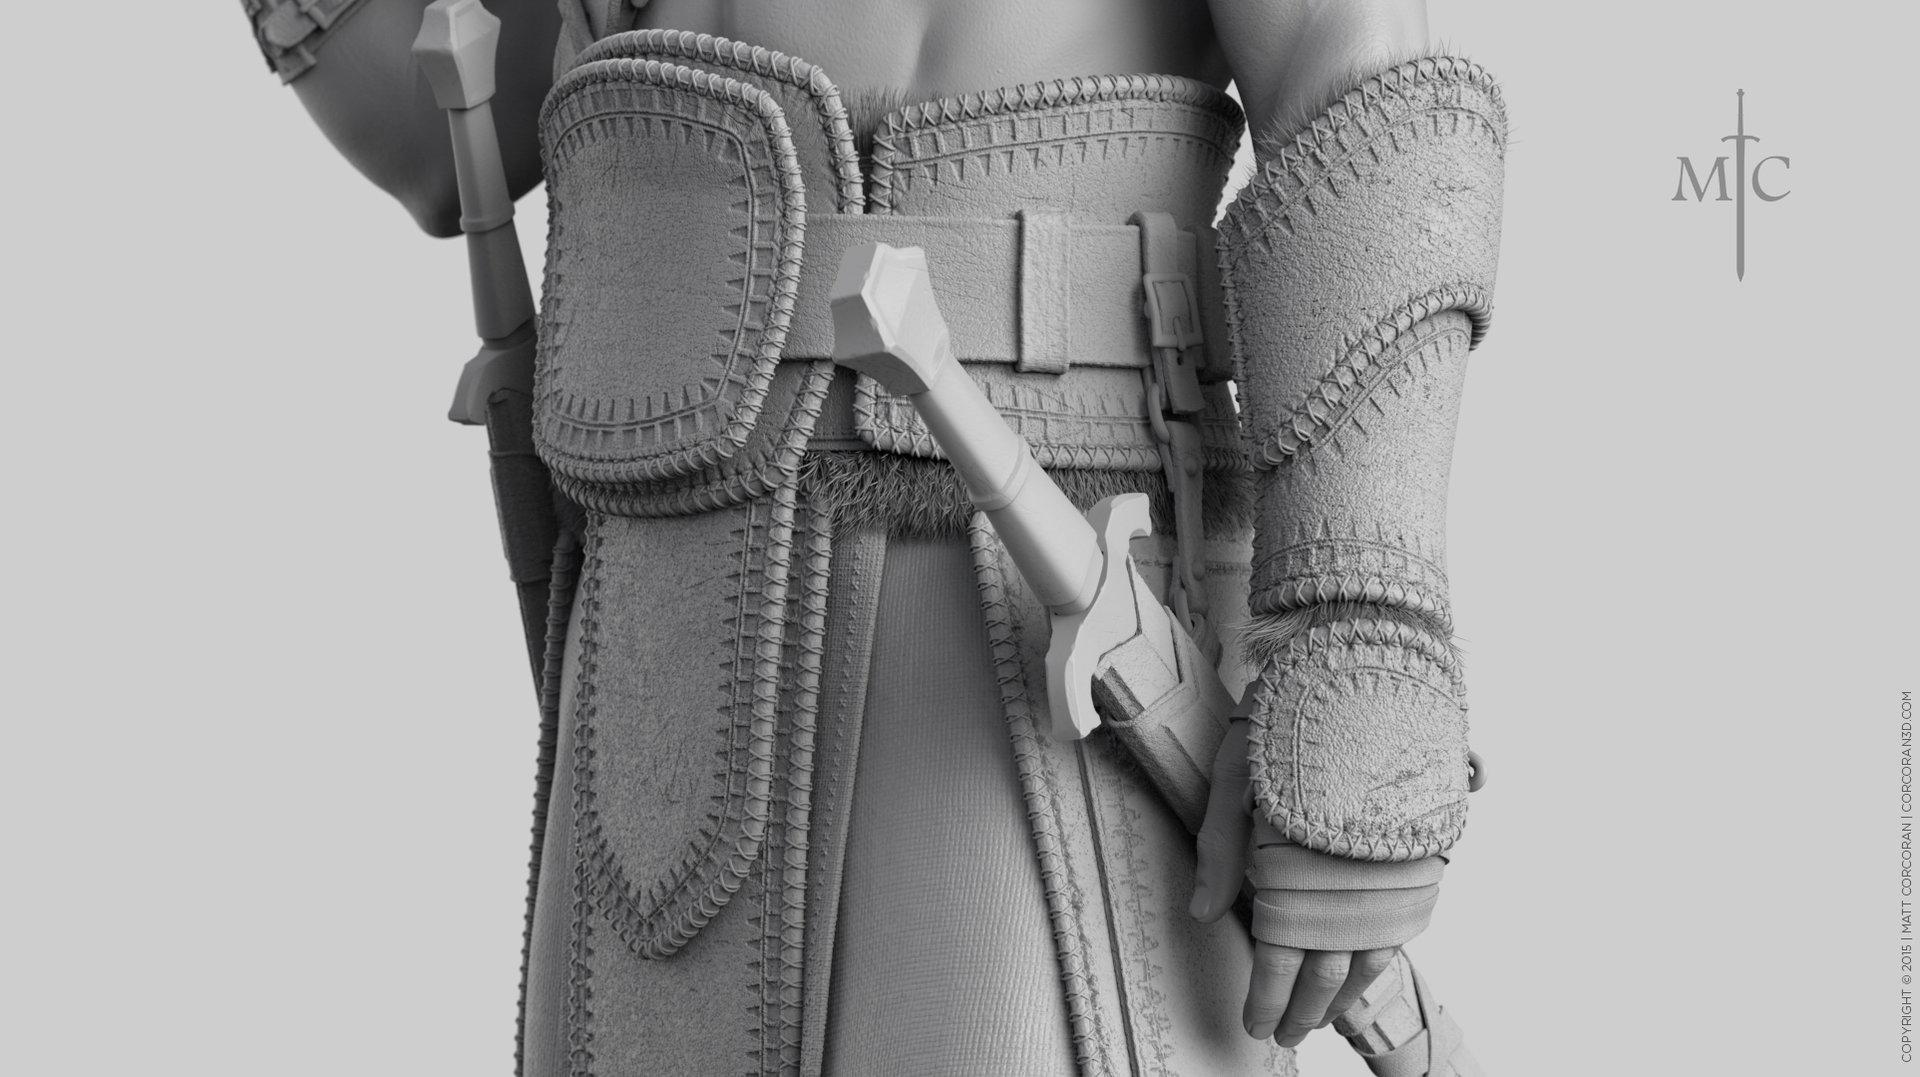 Matt corcoran mattcorcoran warrior grey 1k closeup 02